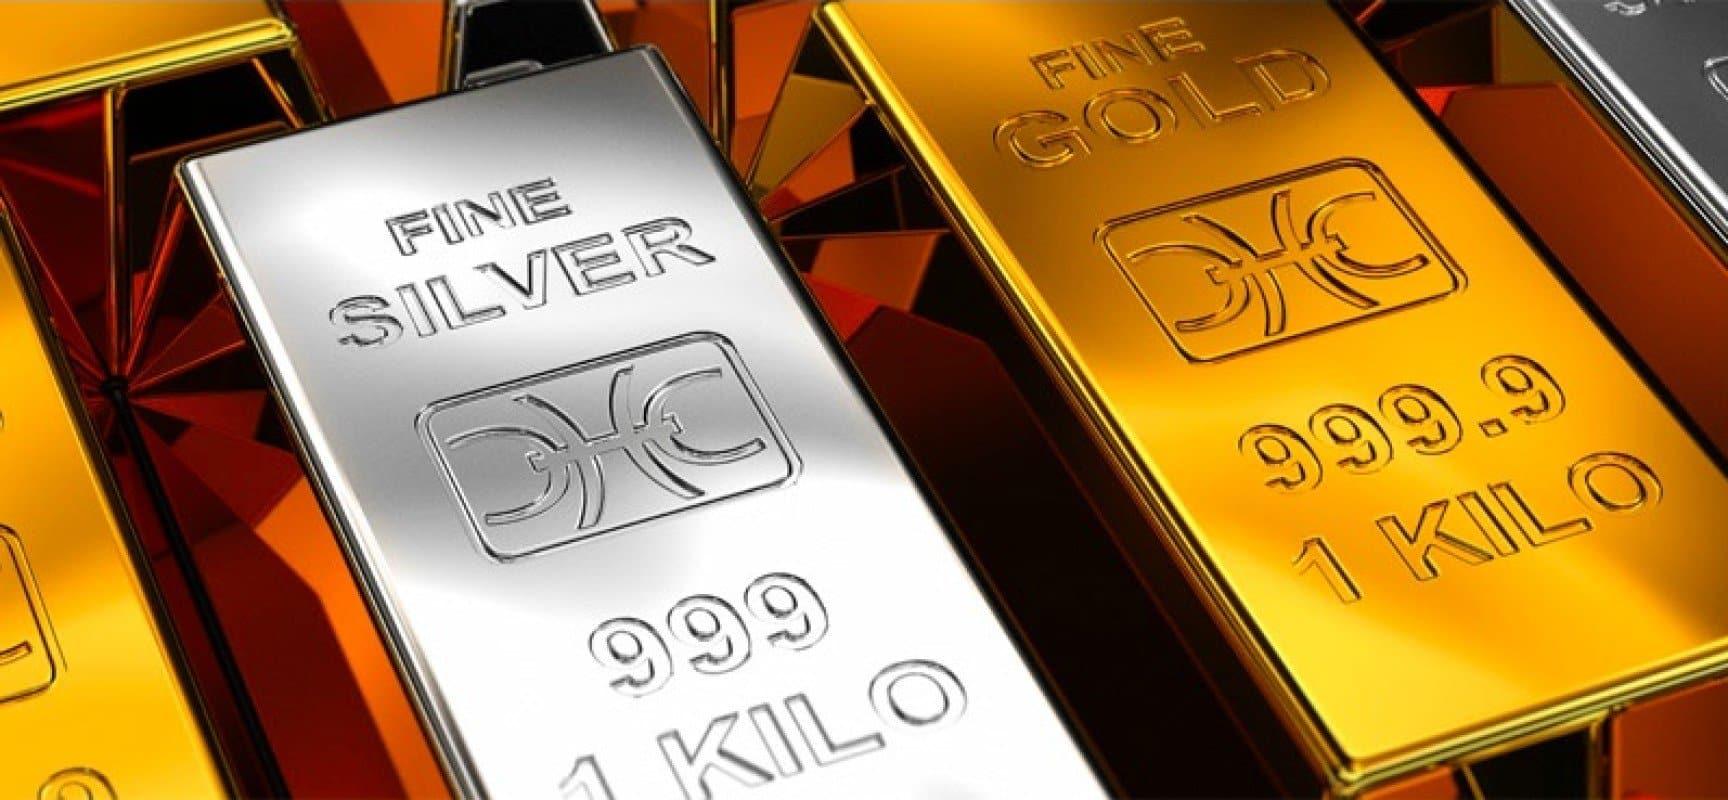 لماذا لم ترتفع أسعار الذهب والفضة خلال أزمة فيروس كورونا؟